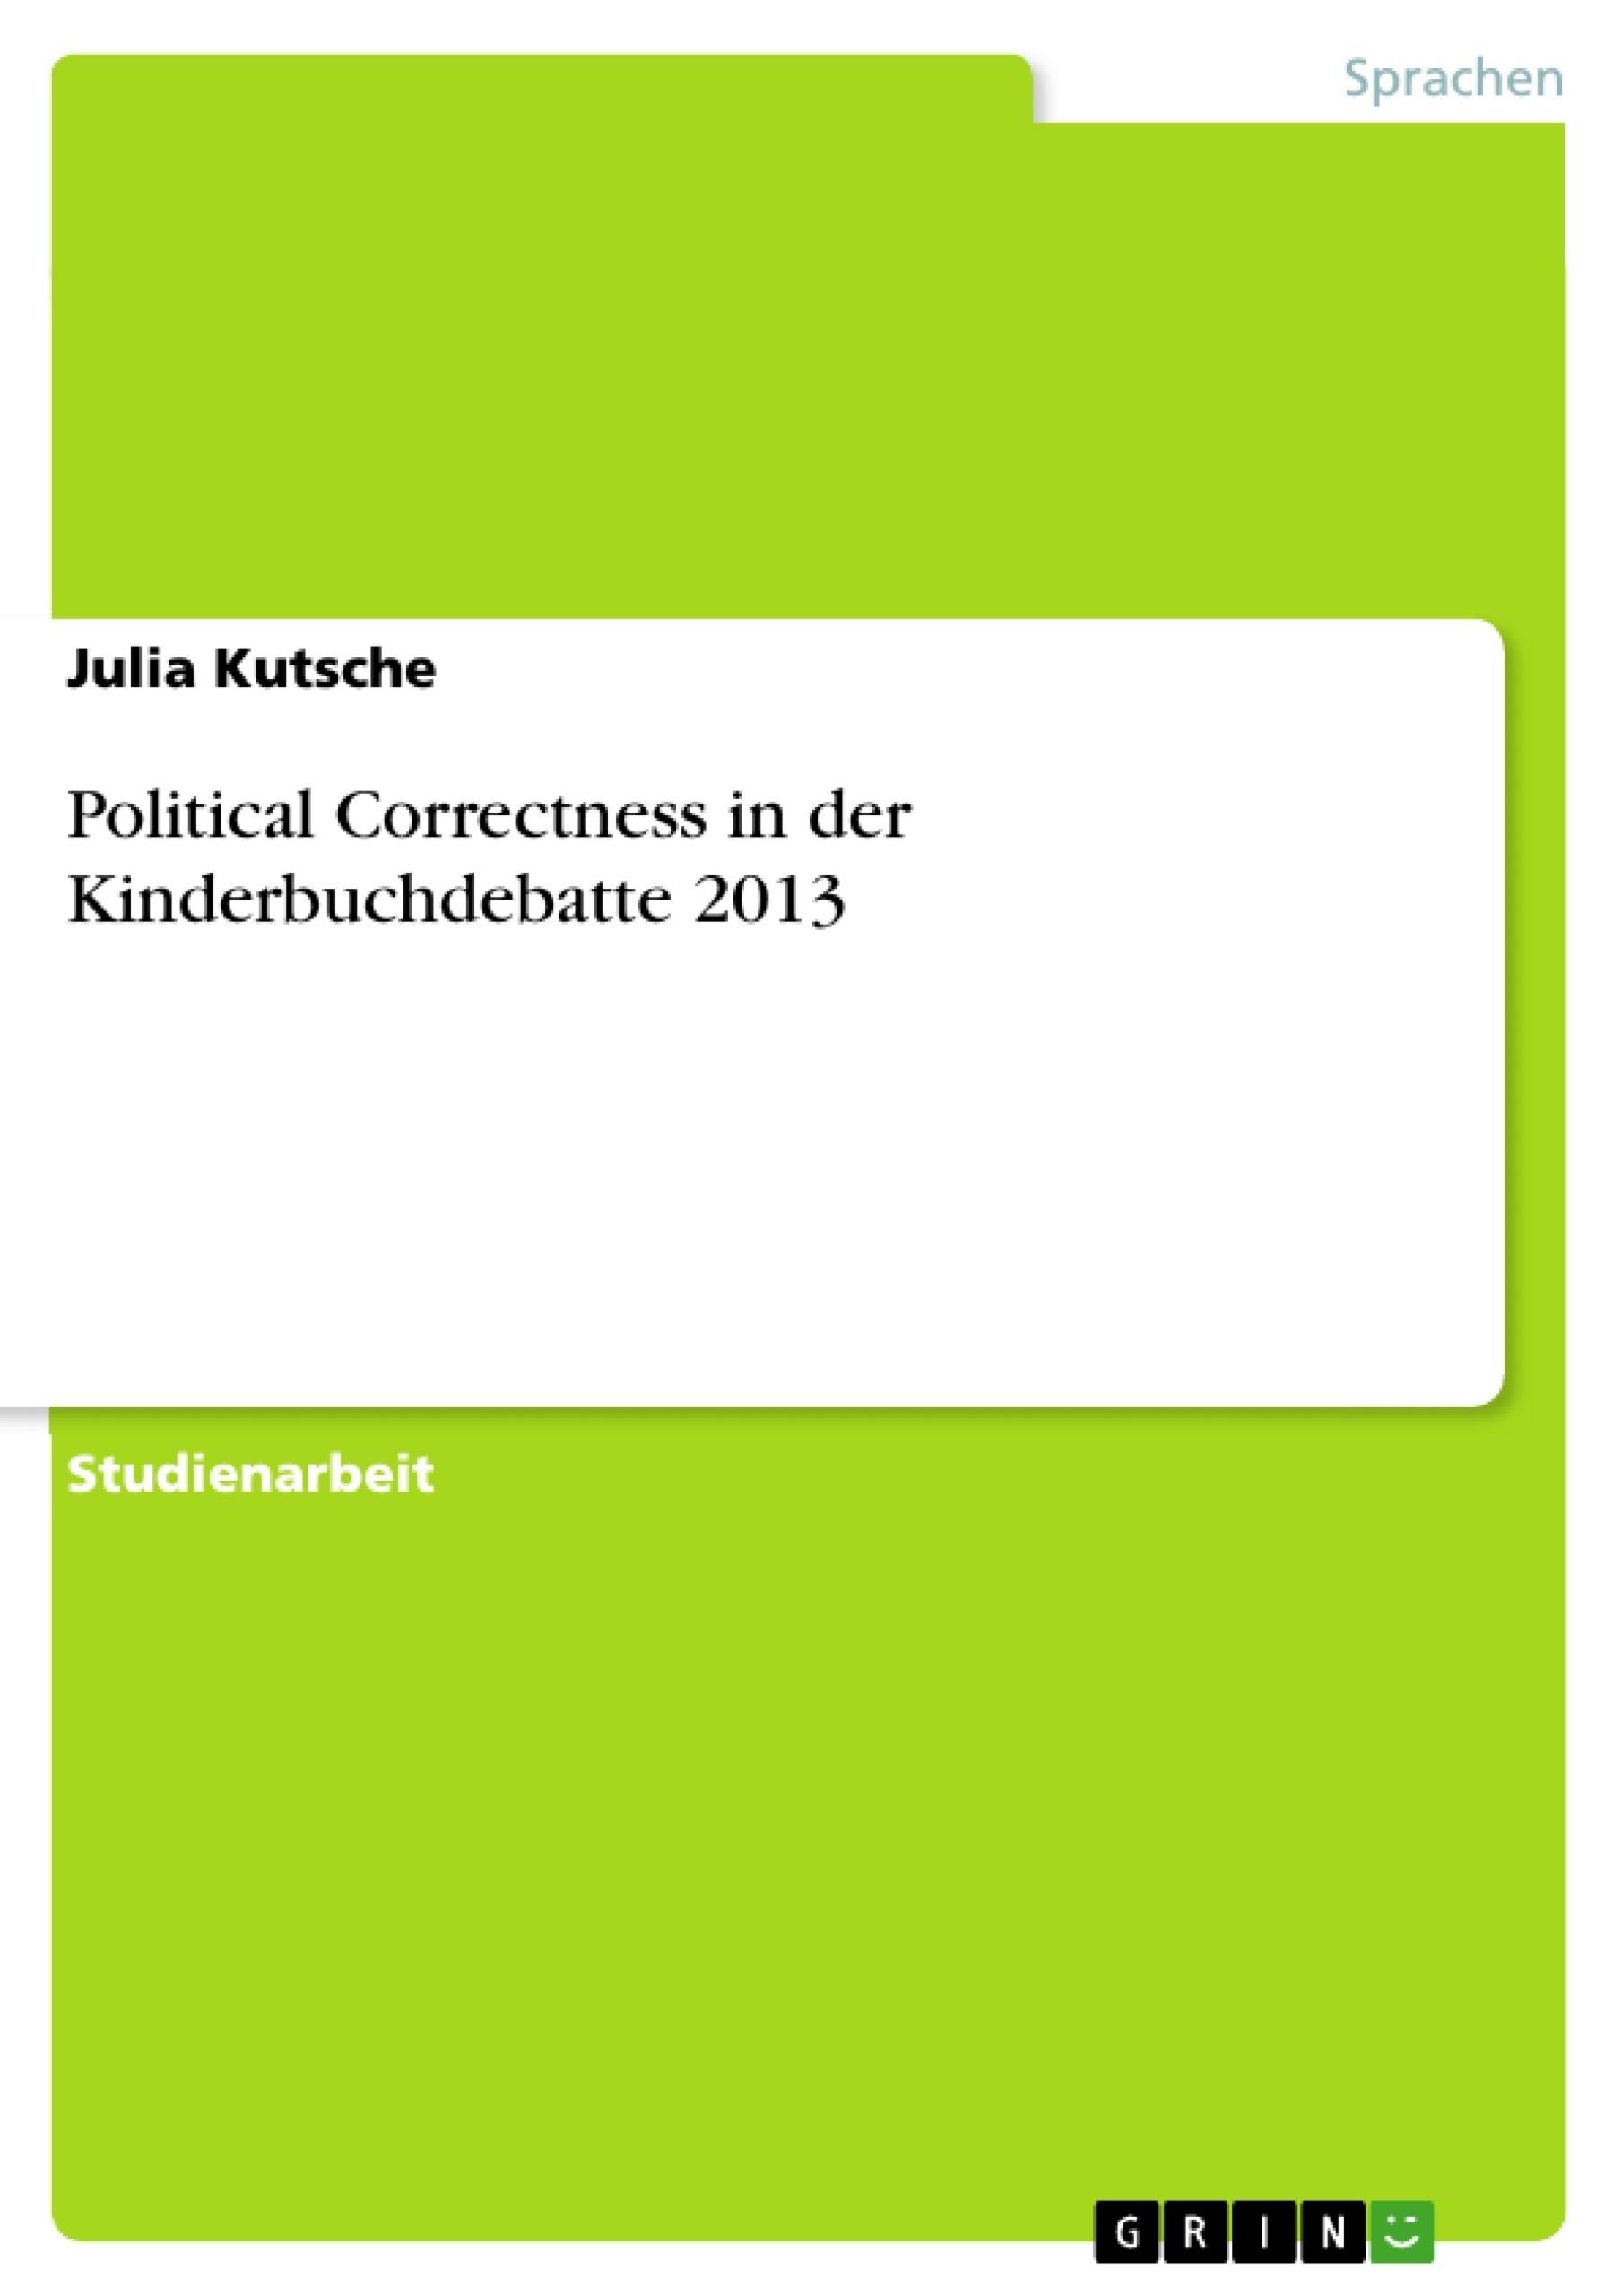 Titel: Political Correctness in der Kinderbuchdebatte 2013